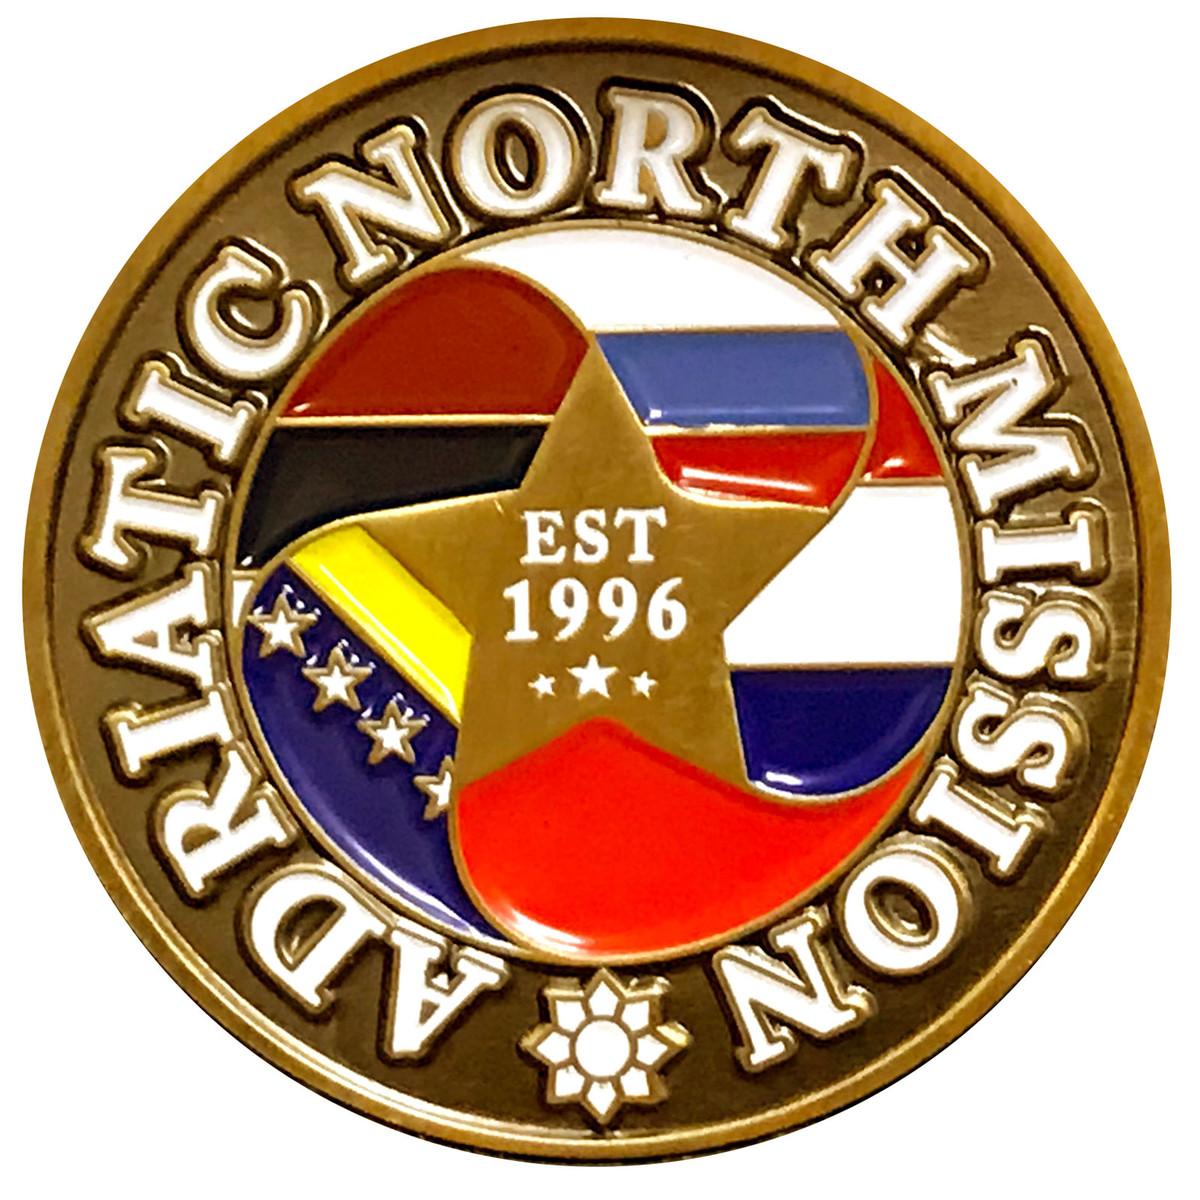 Adriatic North Commemorative Mission Coin